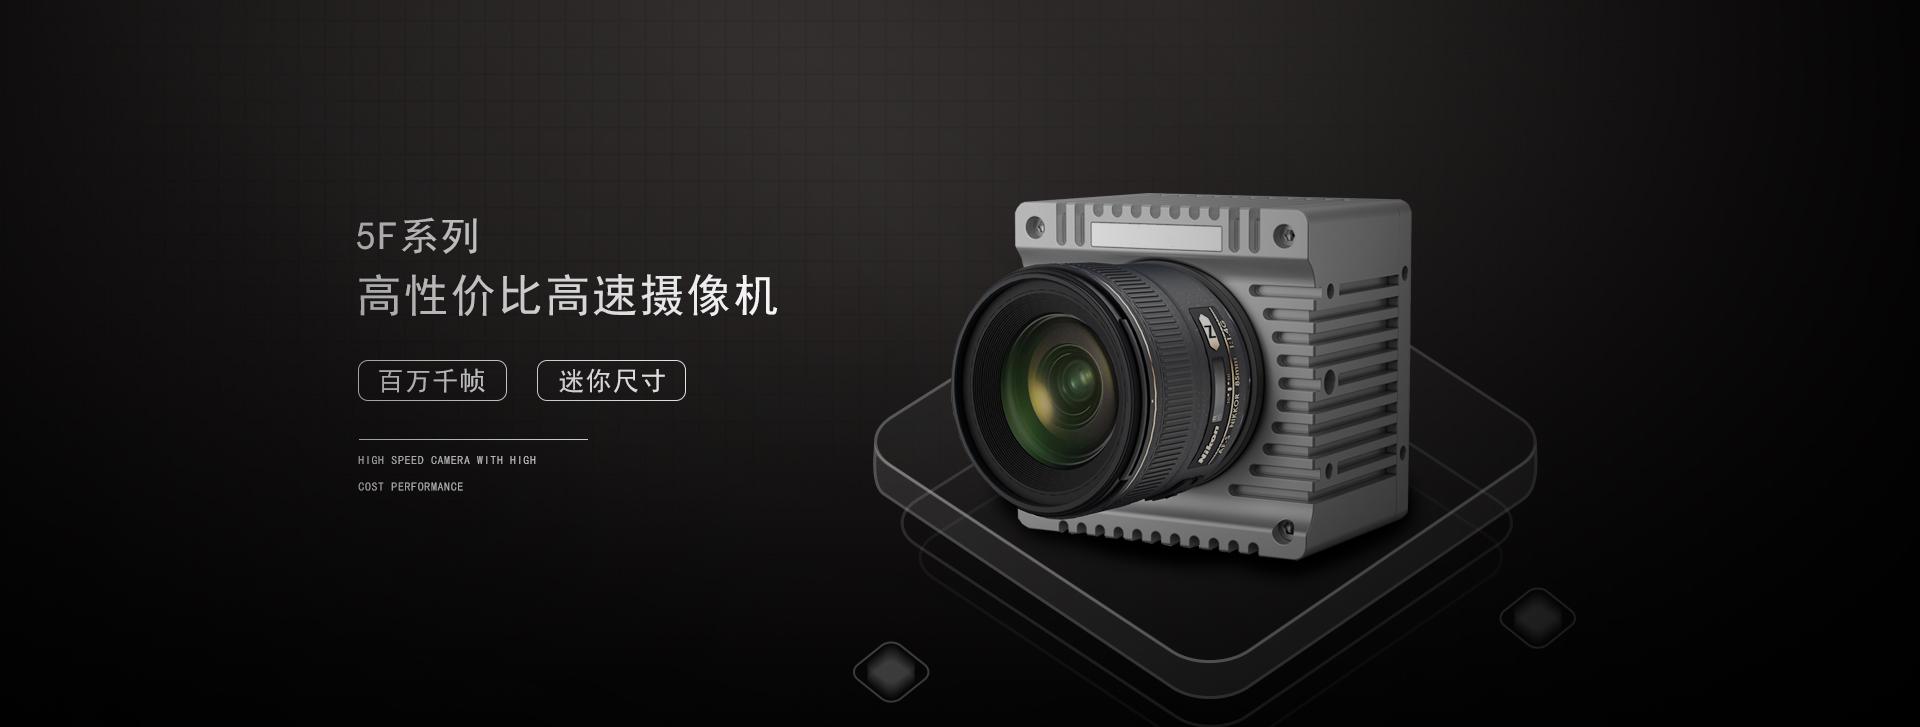 高速摄像仪